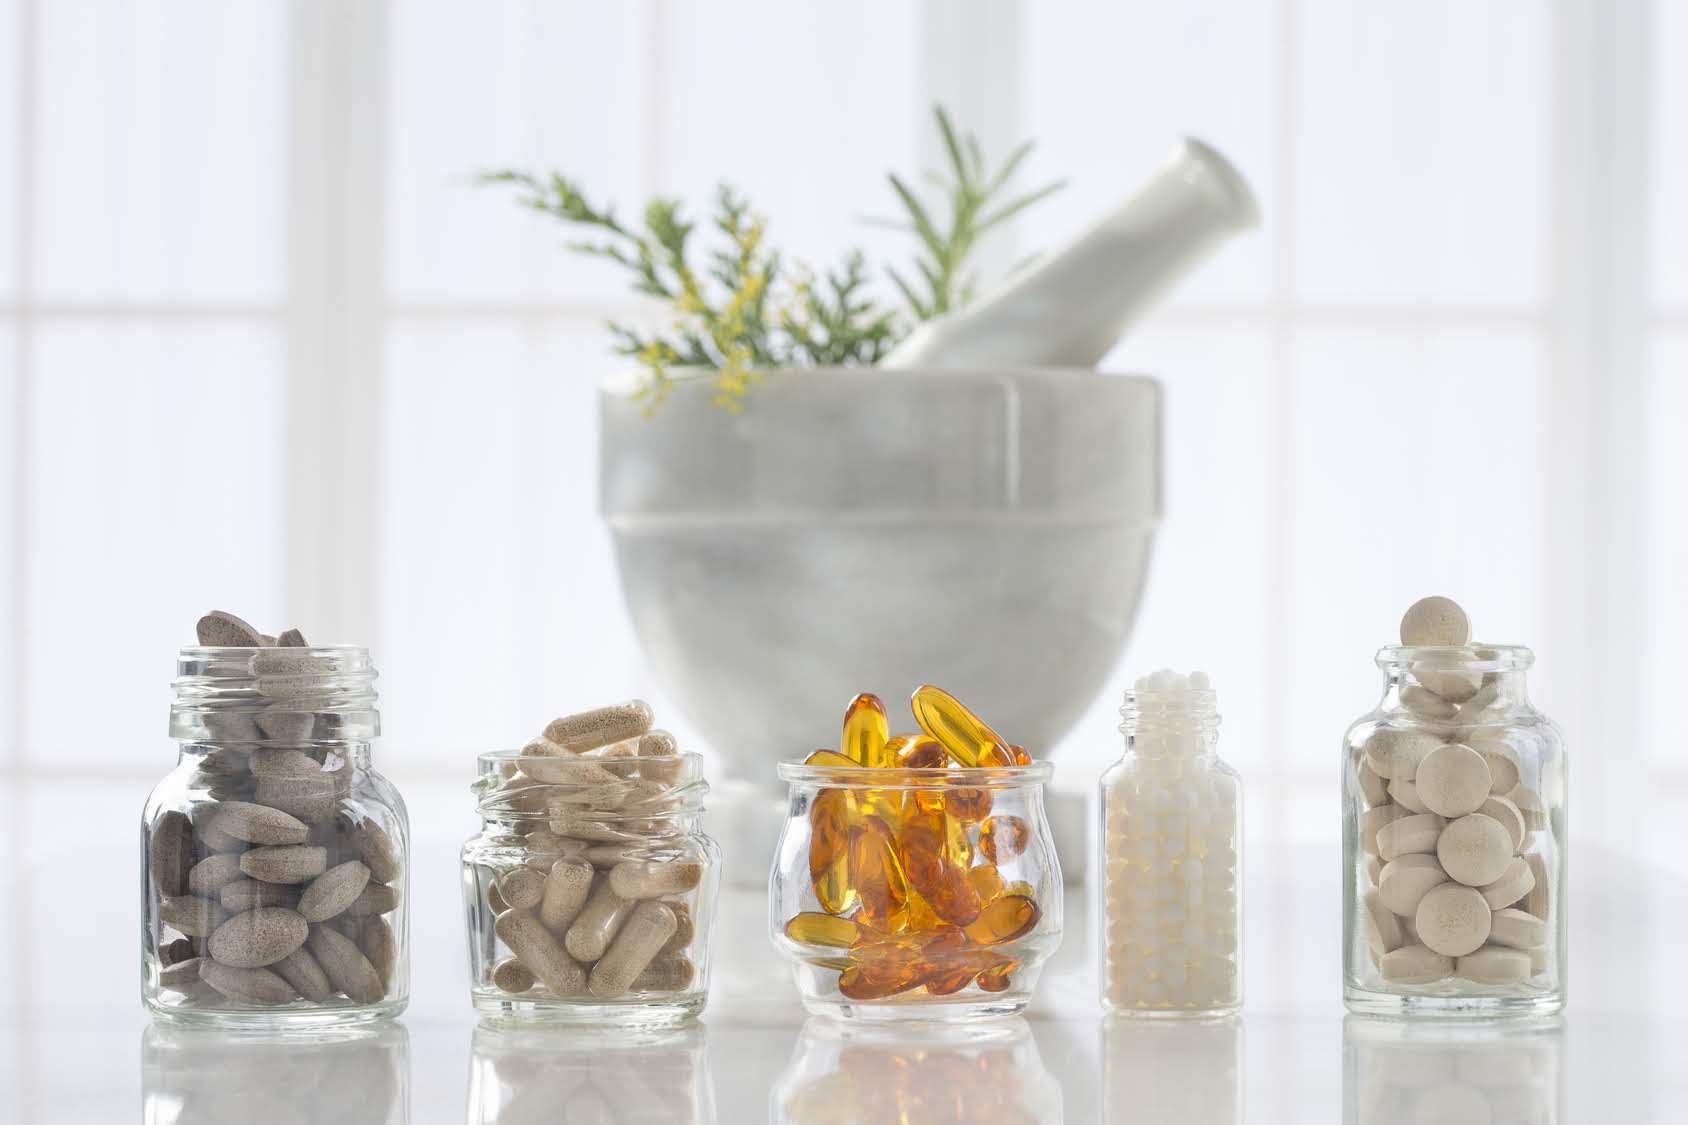 Phytothérapie-pharmacie-de-Bonsecours-conde-sur-escaut-vieux-conde-peruwelz-fresnes-sur-escaut